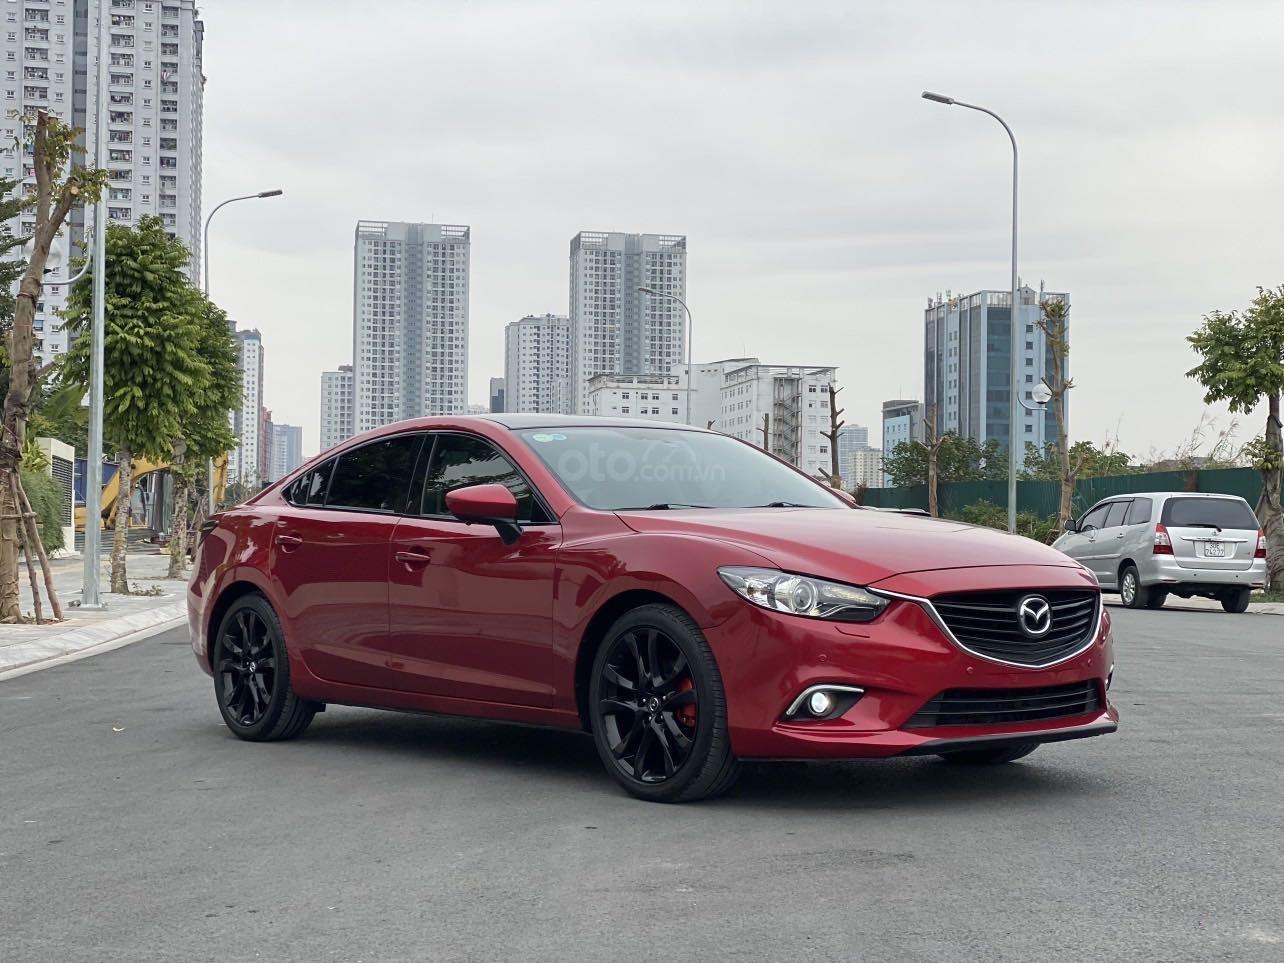 Bán nhanh chiếc Mazda 6 2.5AT 2015 chủ đi cực giữ gìn (2)